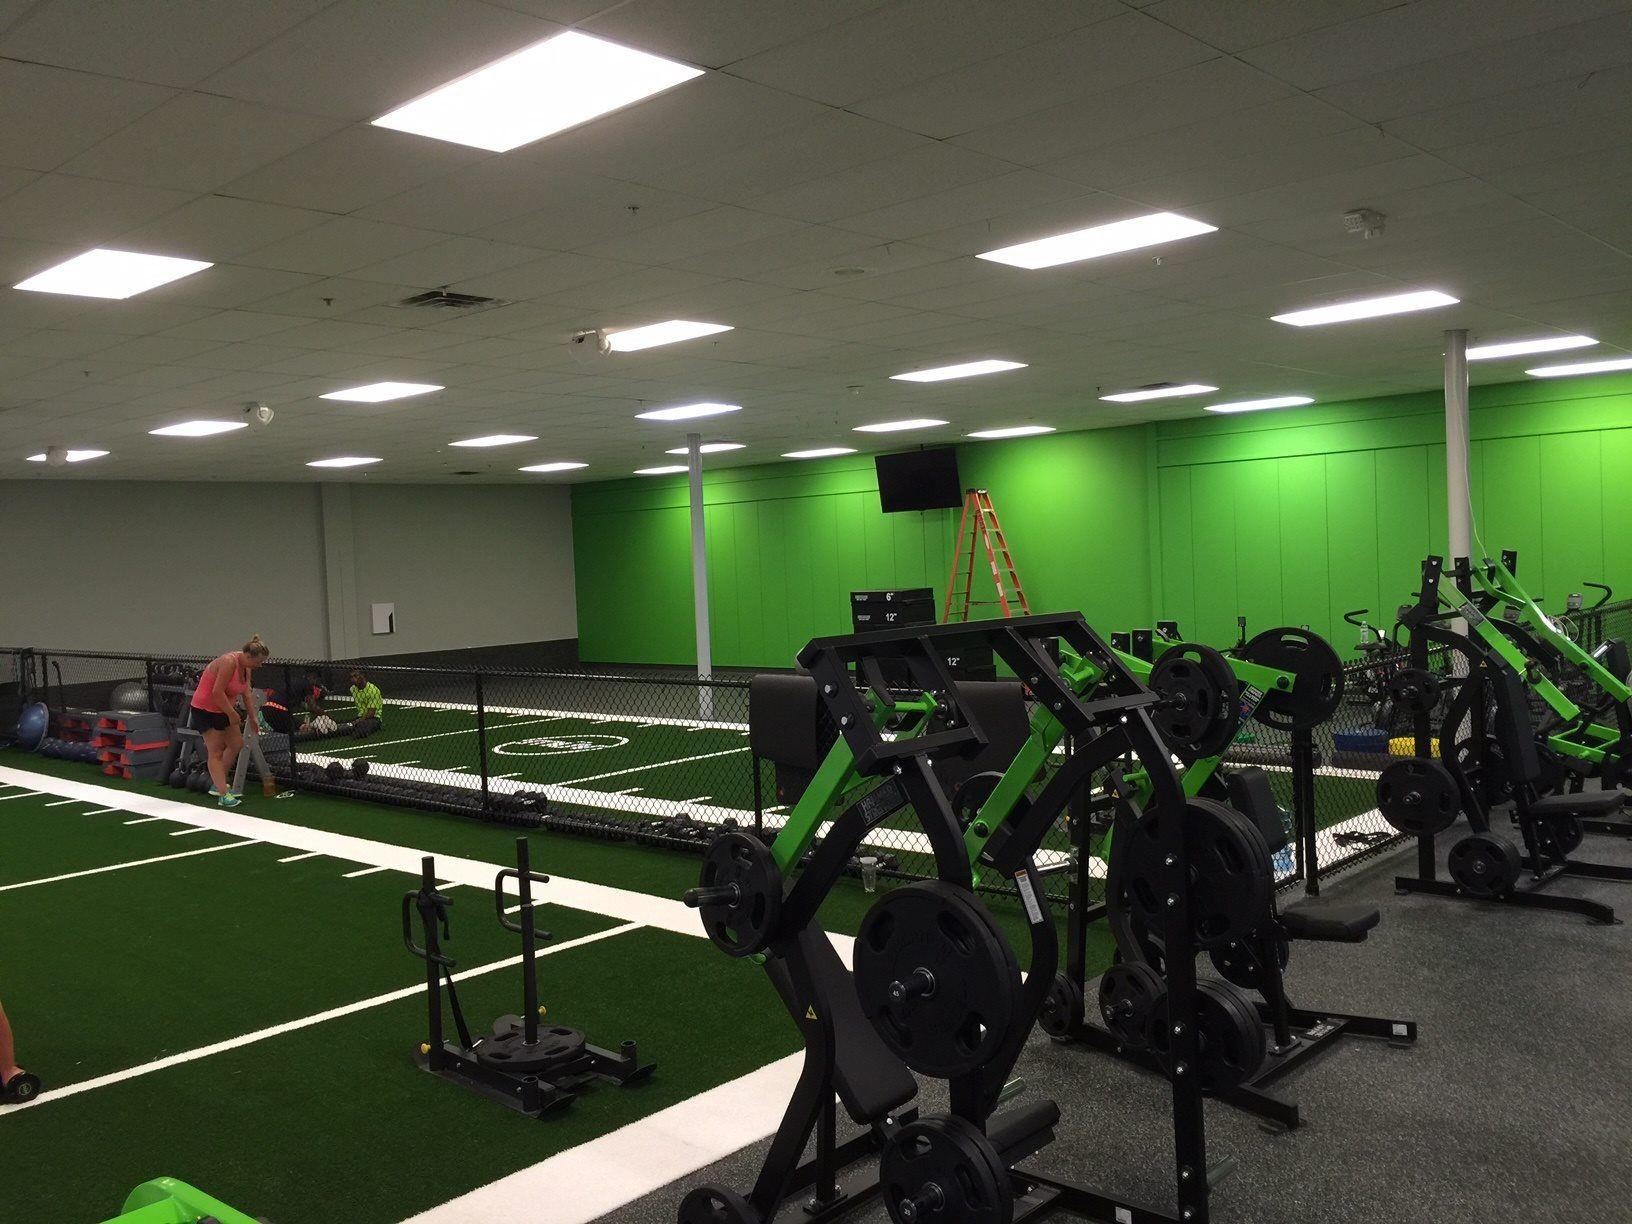 Regupol Aktiv installation for Evolve Fitness in Audubon, NJ ...